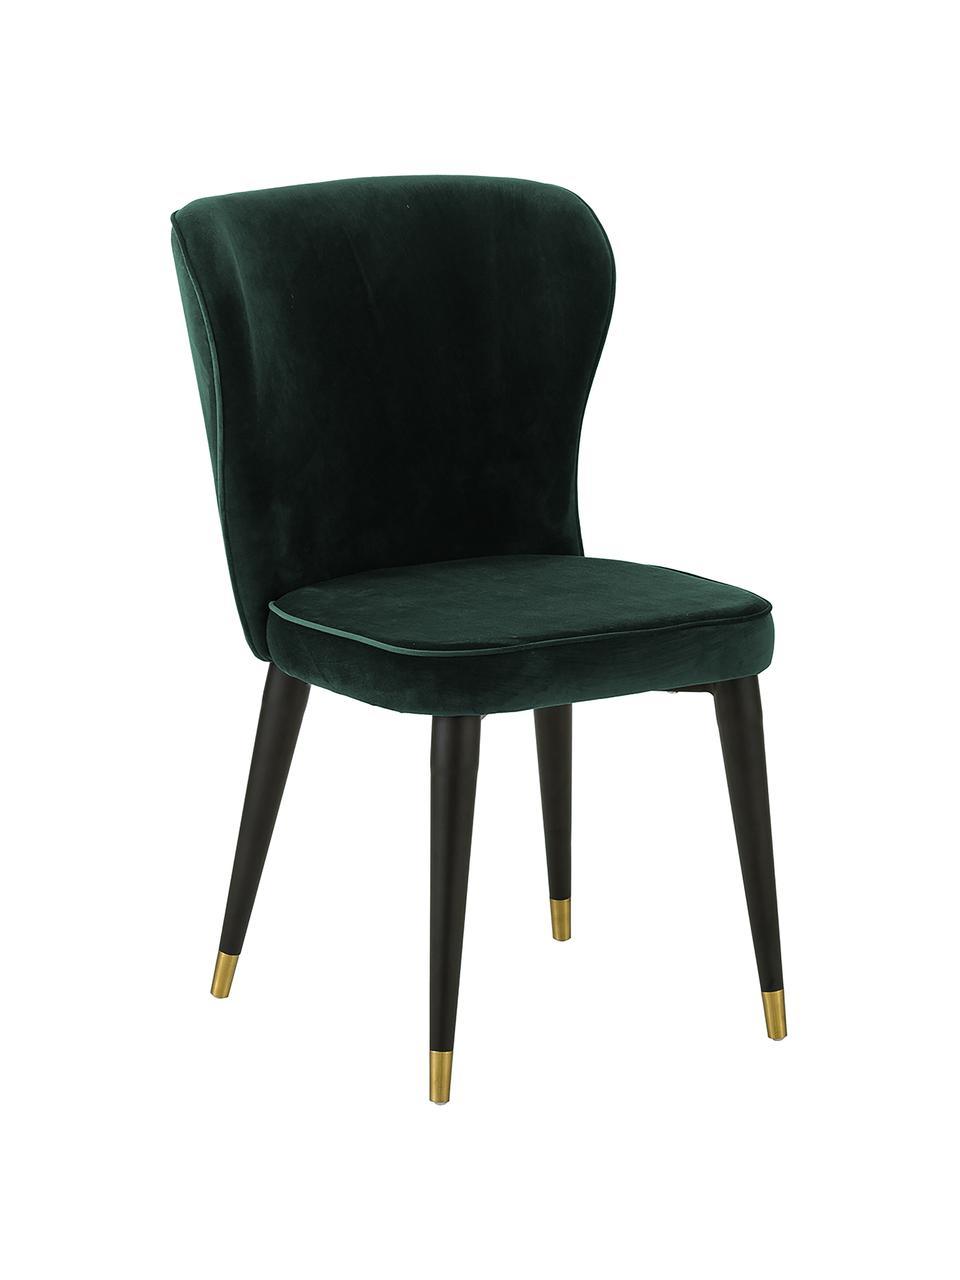 Chaise classique velours rembourré Cleo, Velours vert foncé